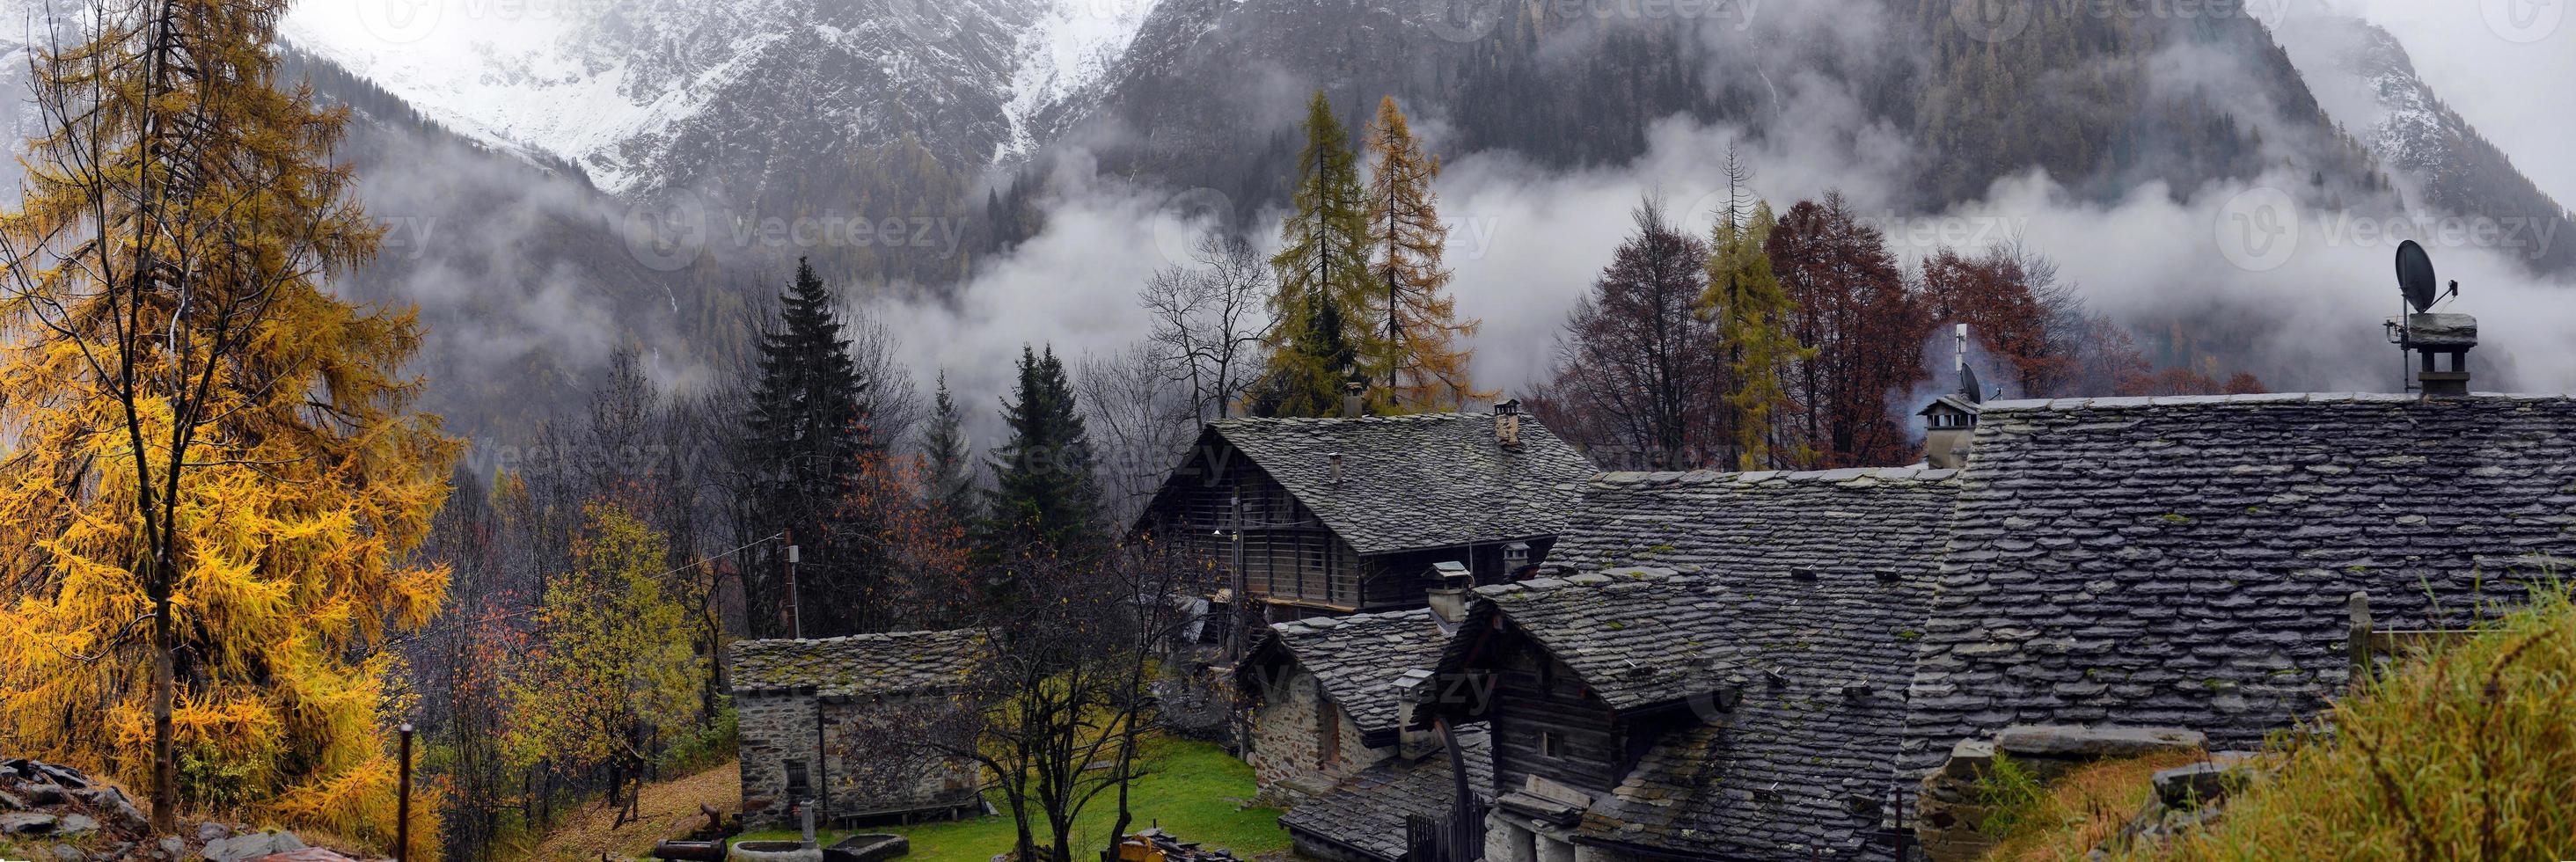 panorama alpino desde el pequeño pueblo foto